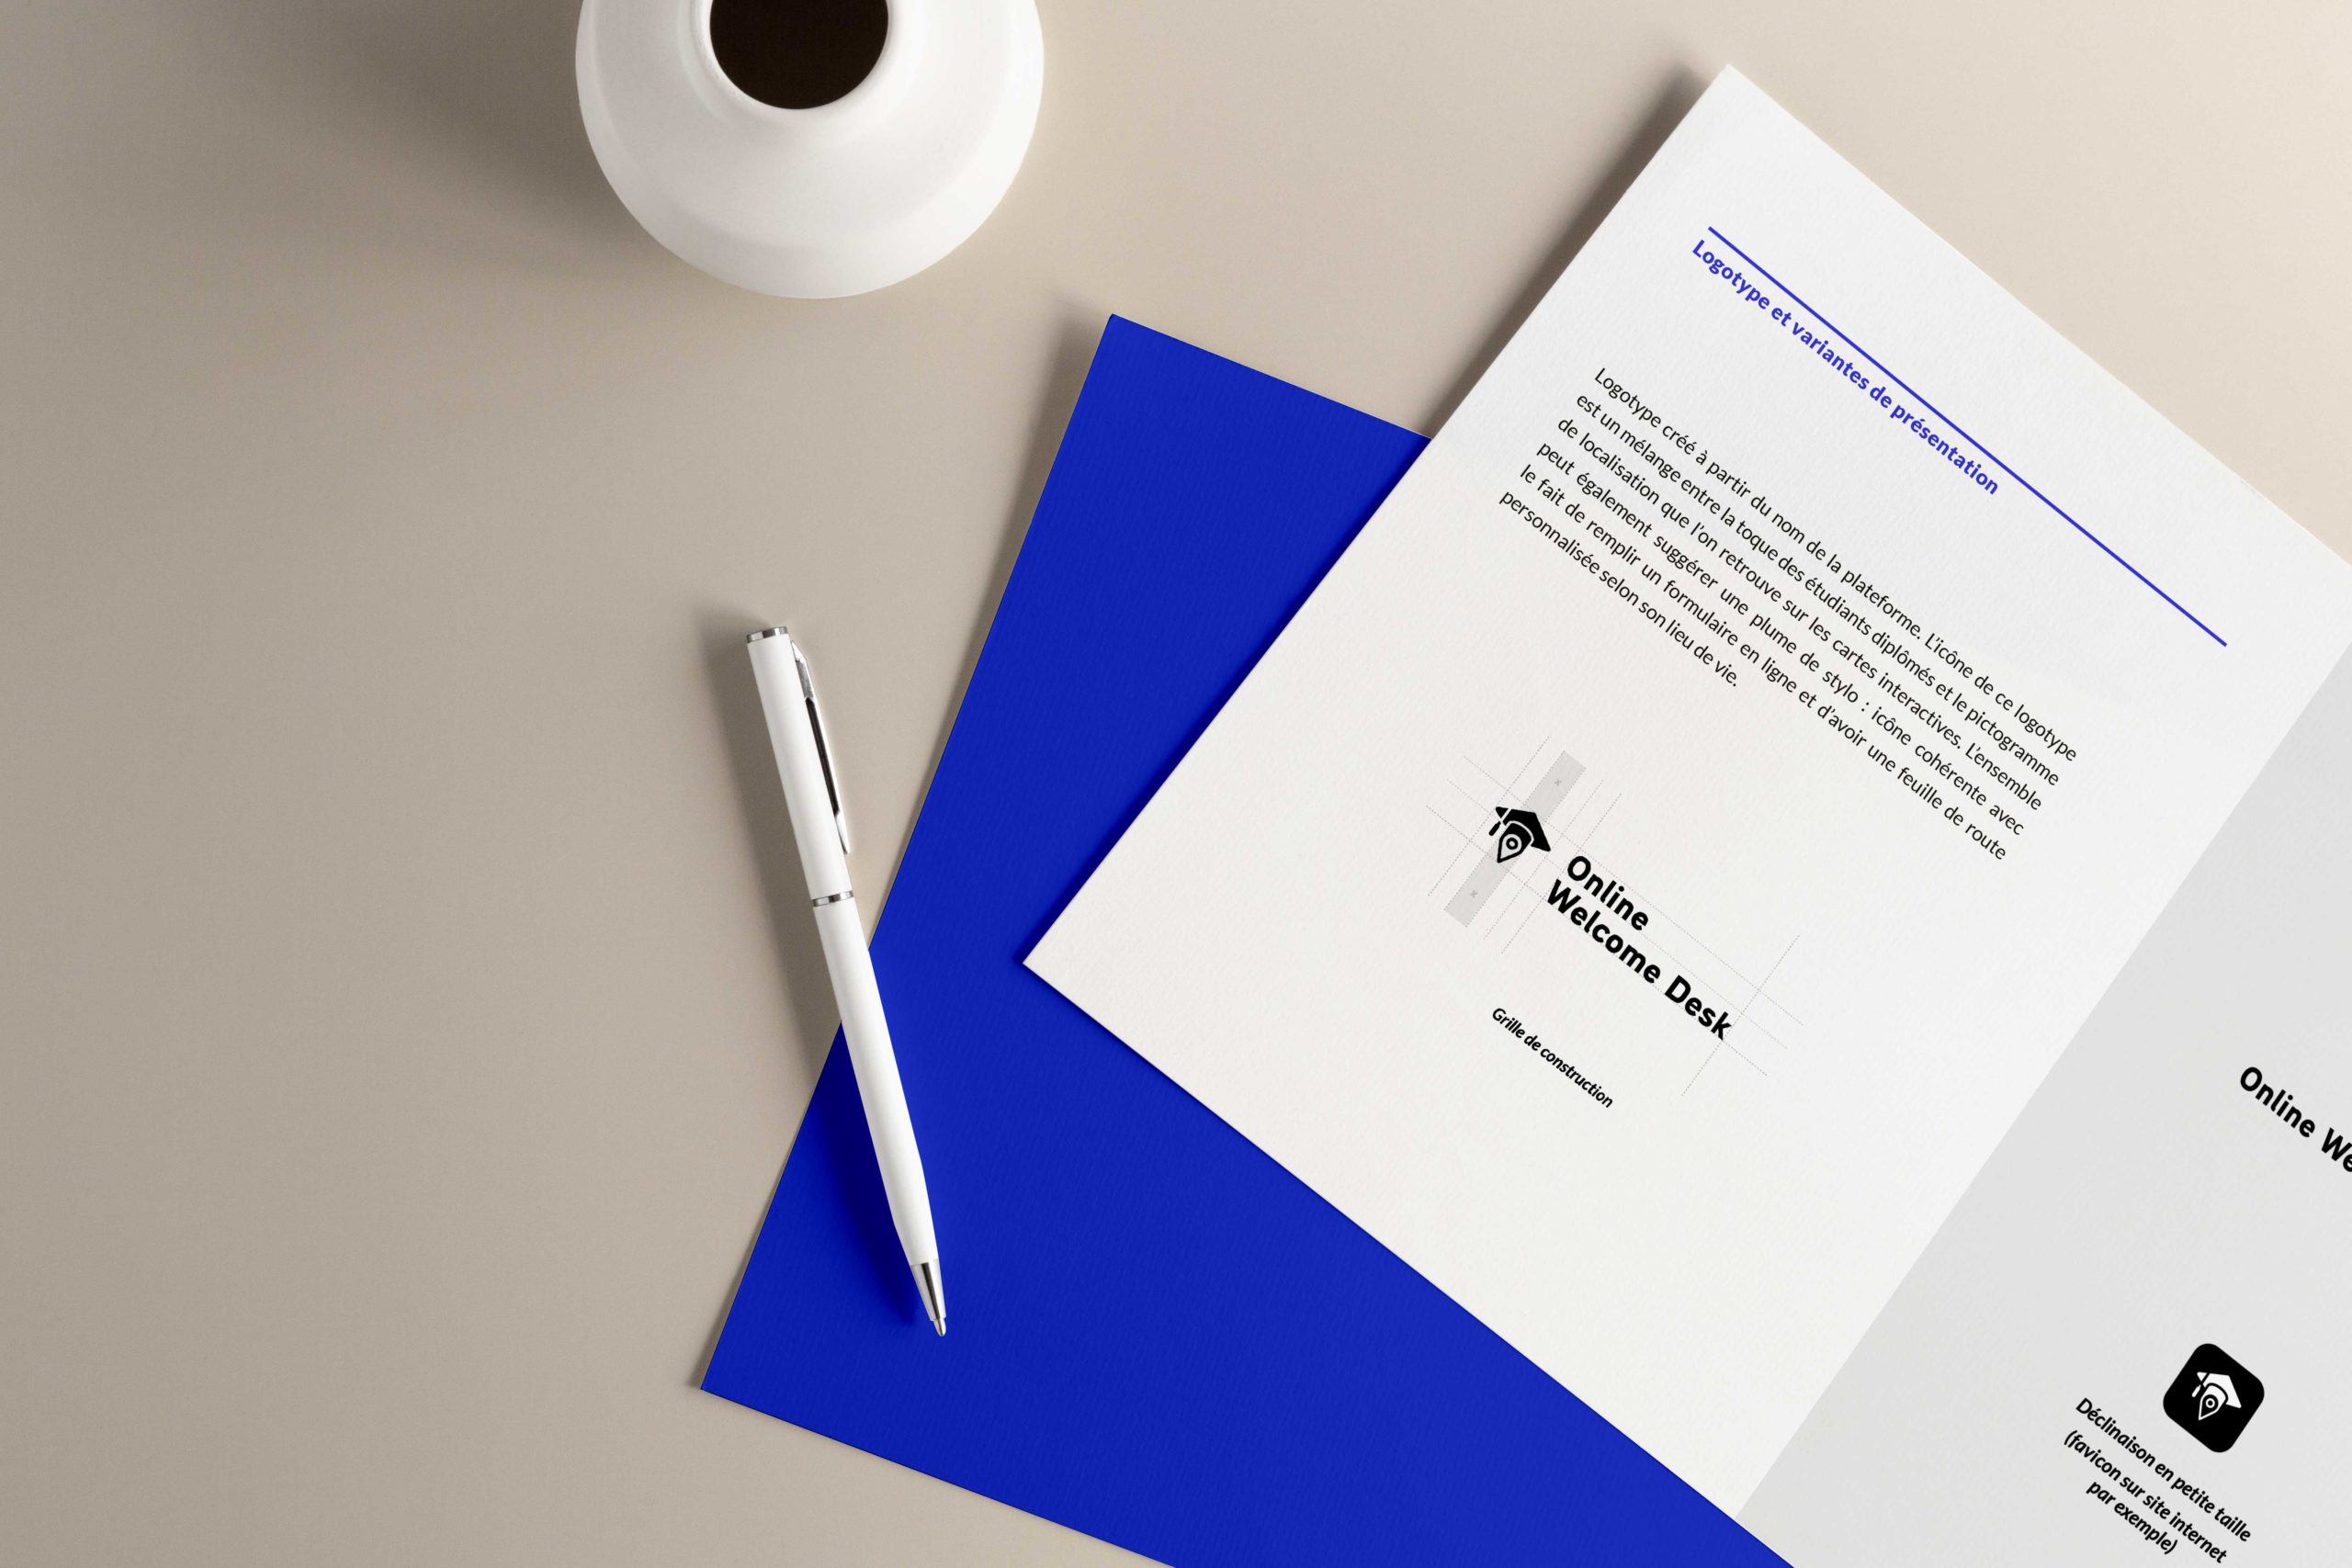 à l'avant de l'image on voit une feuille de papier blanche avec la construction du logotype Online Welcome Desk. À l'arrière on voit une feuille bleu au couleur de la charte graphique